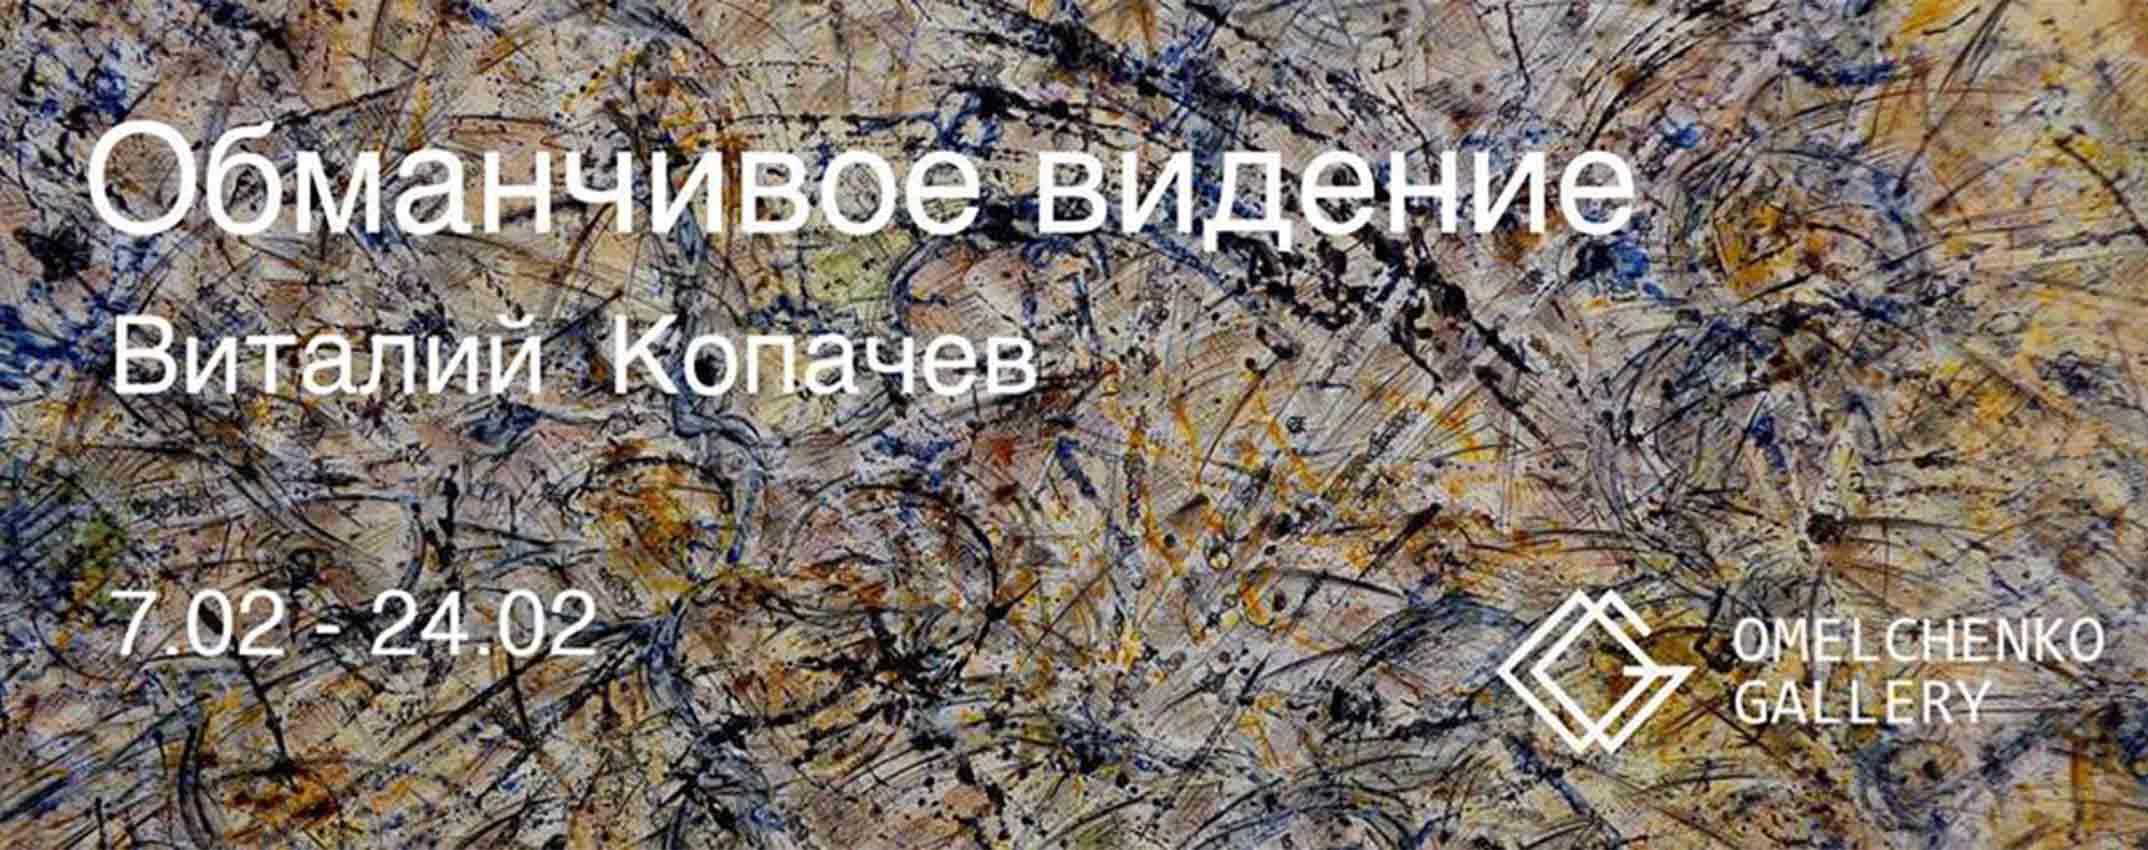 Игорь Дрёмин: Выставка Копачева в галерее Омельченко